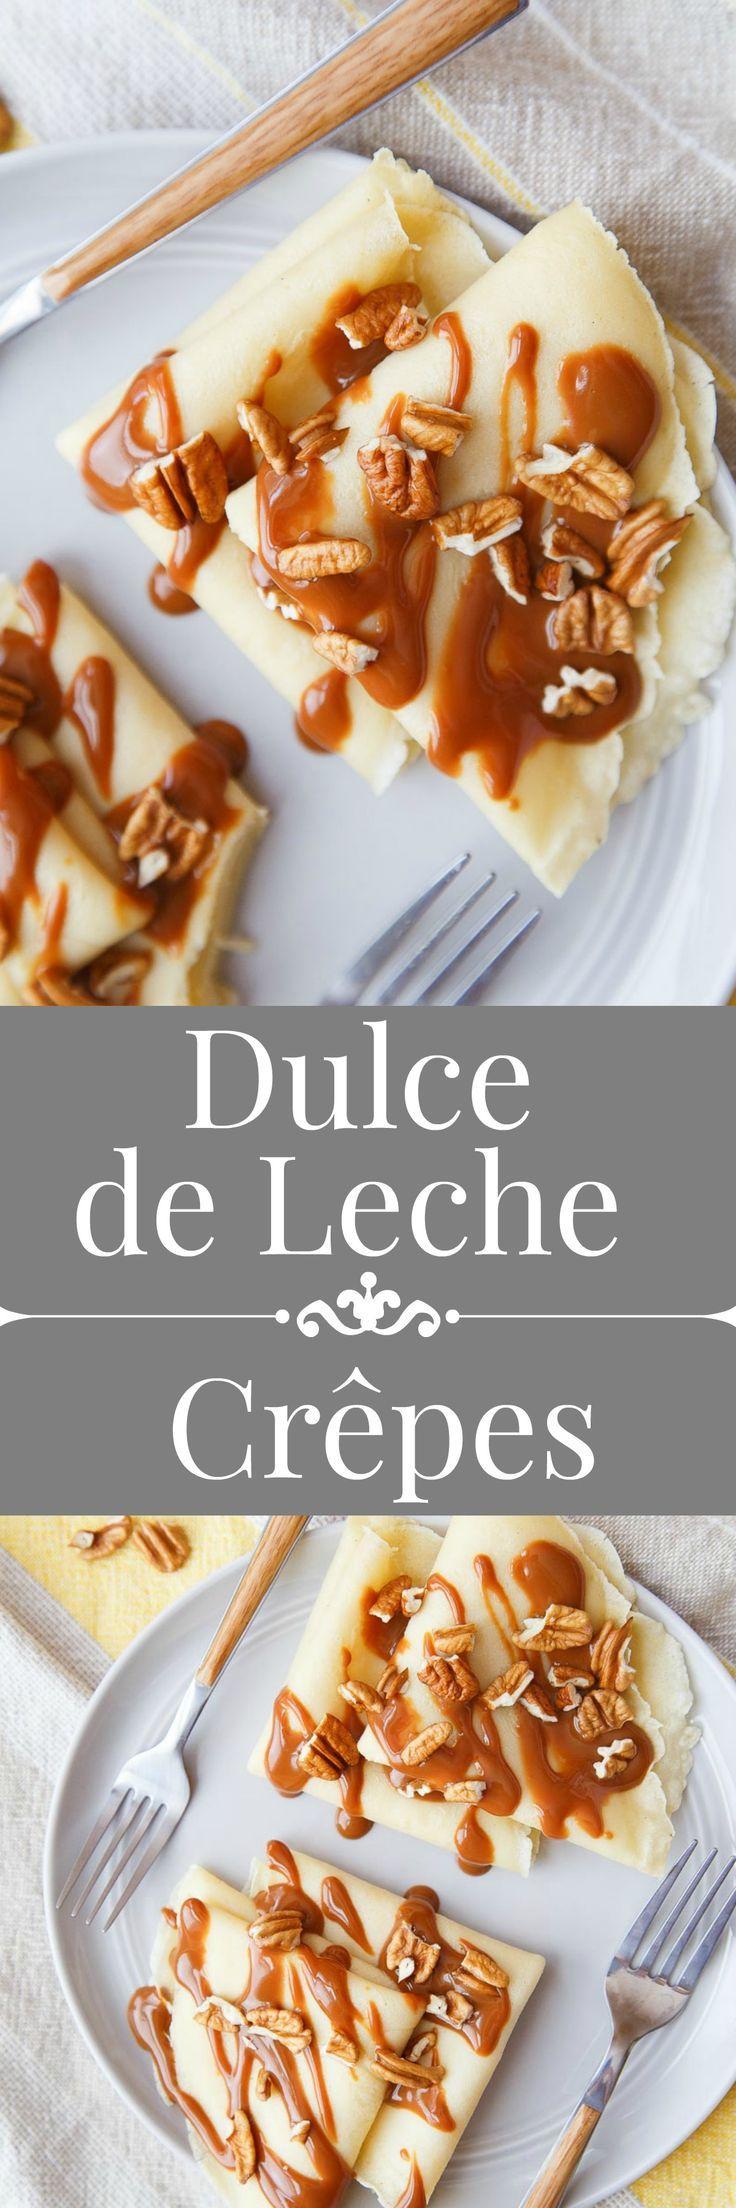 Crepe Recipe Small Batch